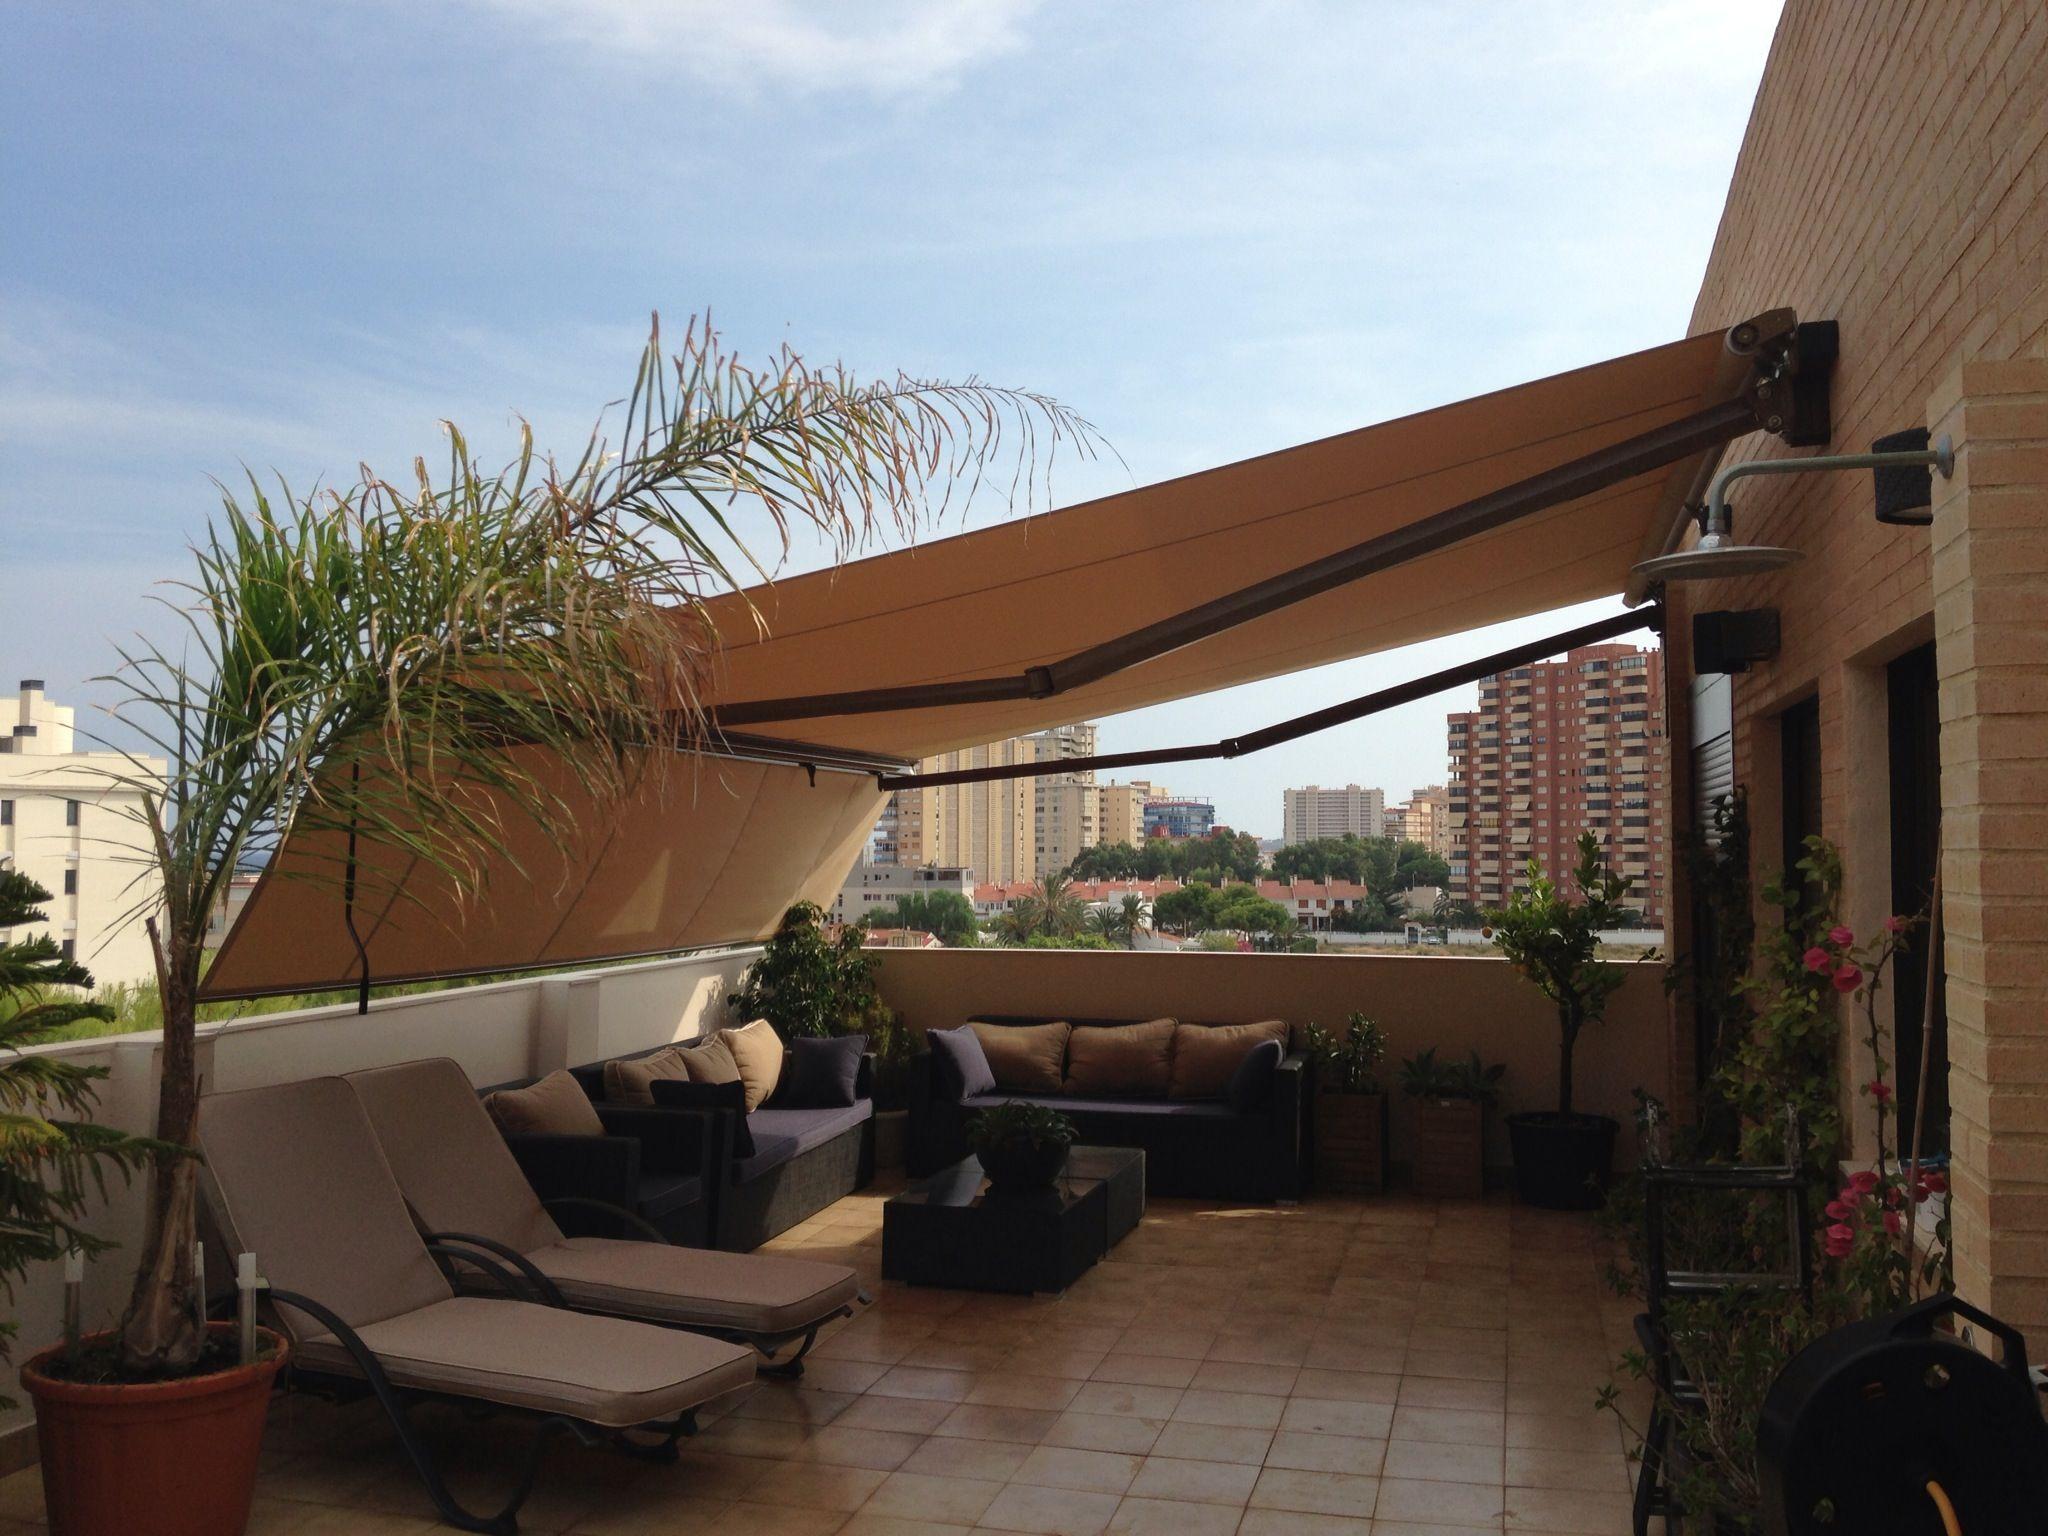 Toldo terraza toldos pinterest y - Toldos para patios interiores ...